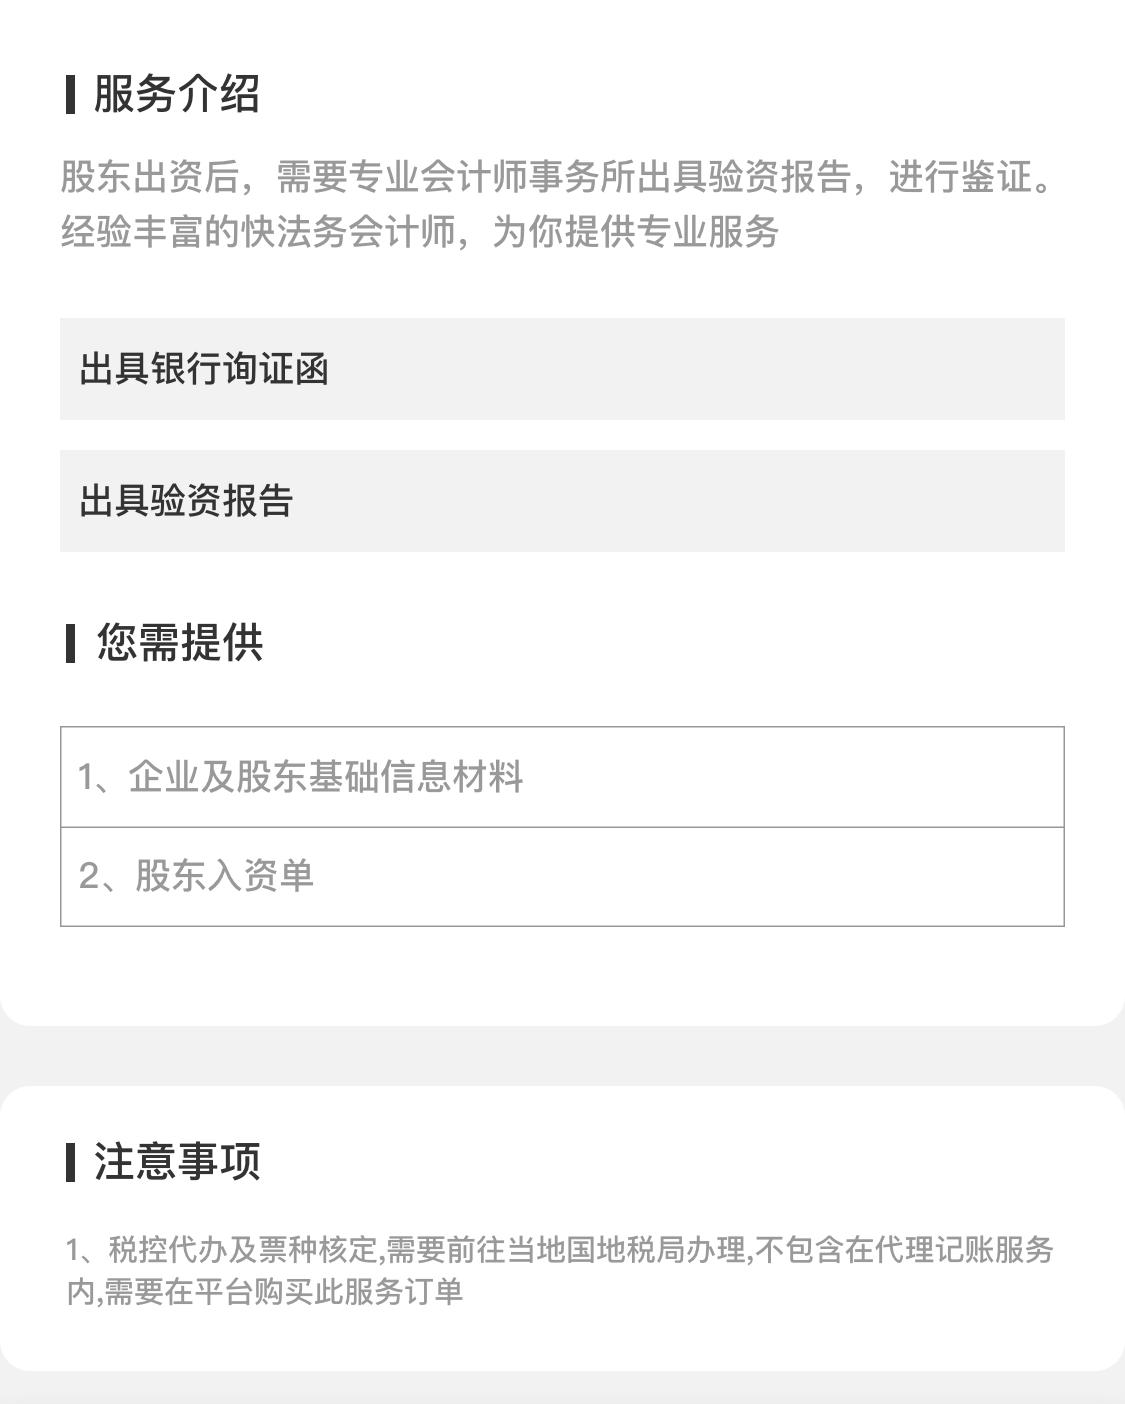 验资报告 copy.png